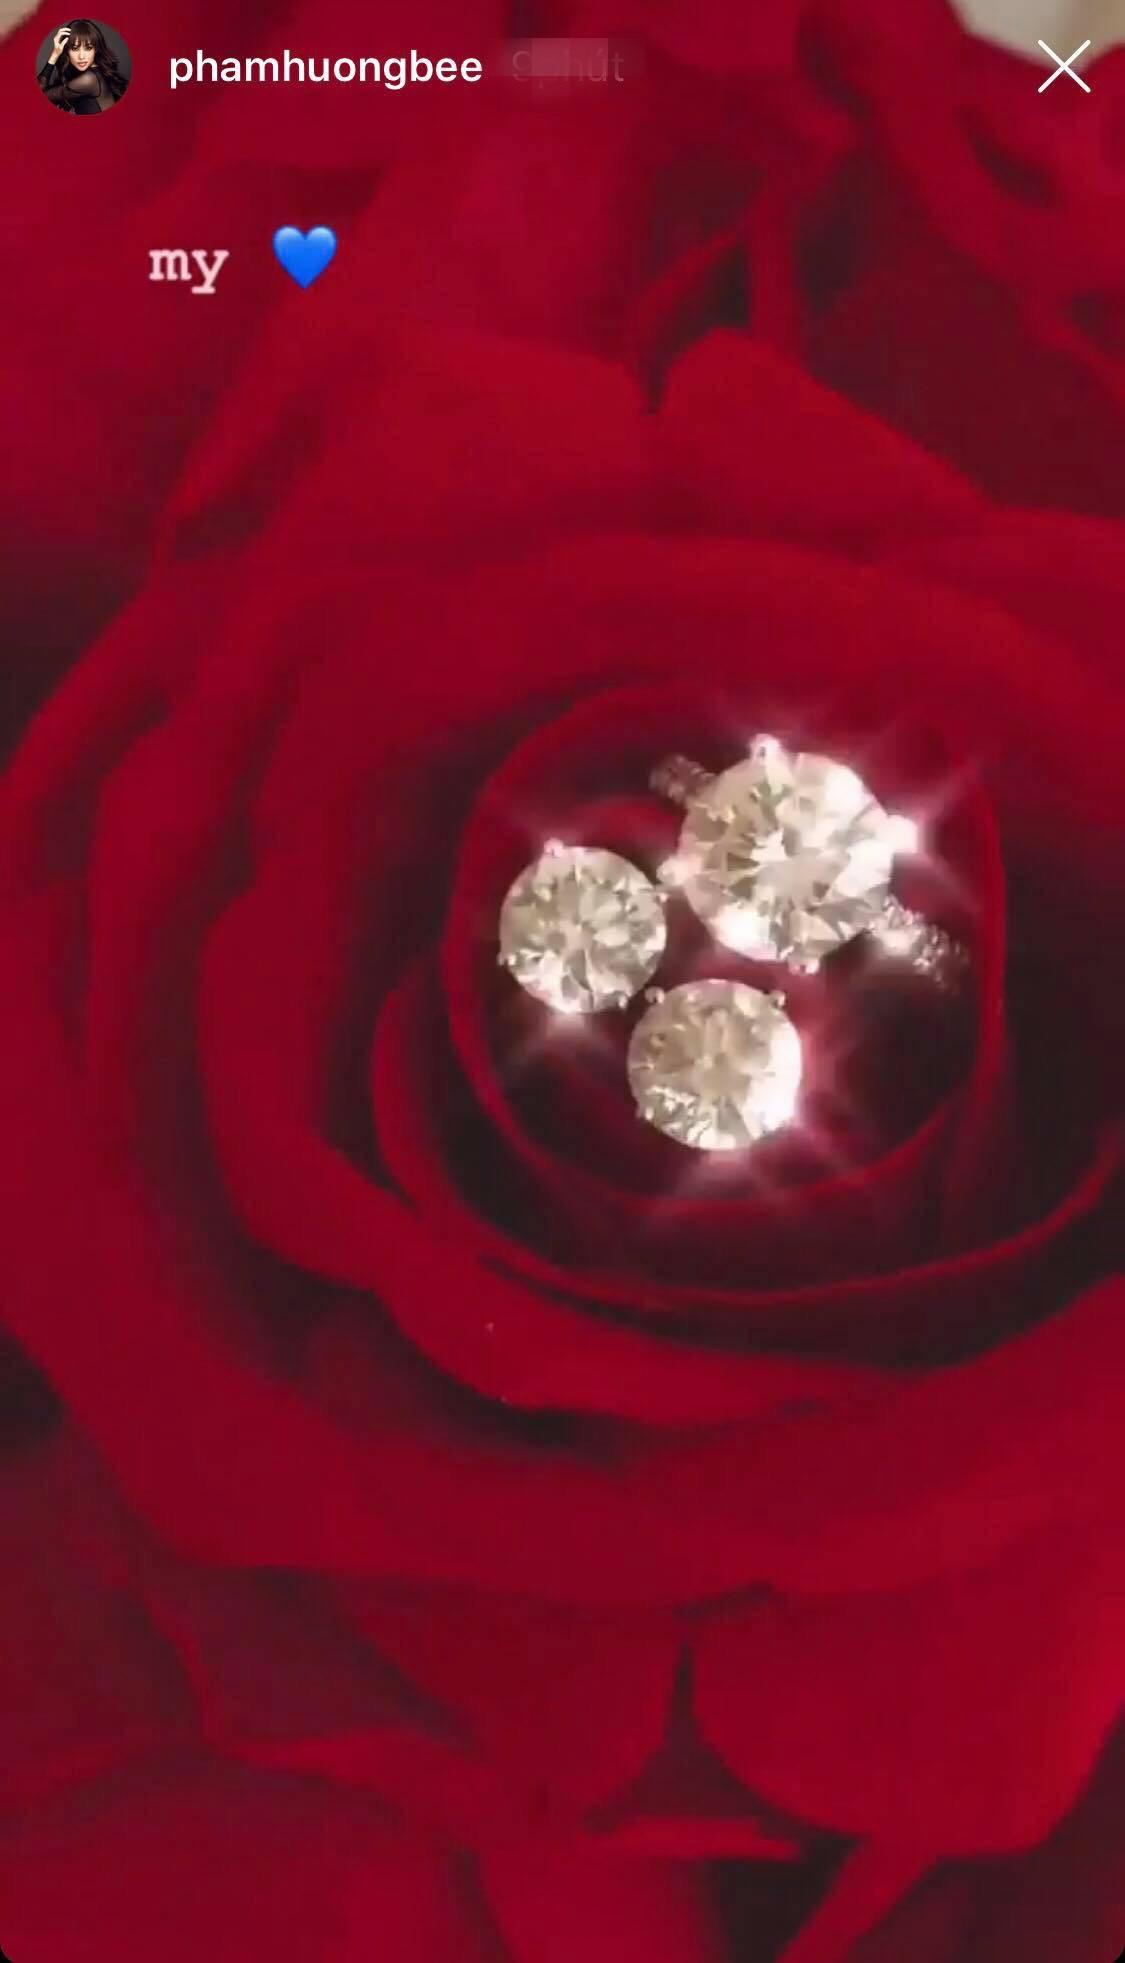 Phạm Hương khoe bộ sính lễ cầu hôn bằng kim cương cỡ lớn của ông xã hồi Valentine - Ảnh 1.